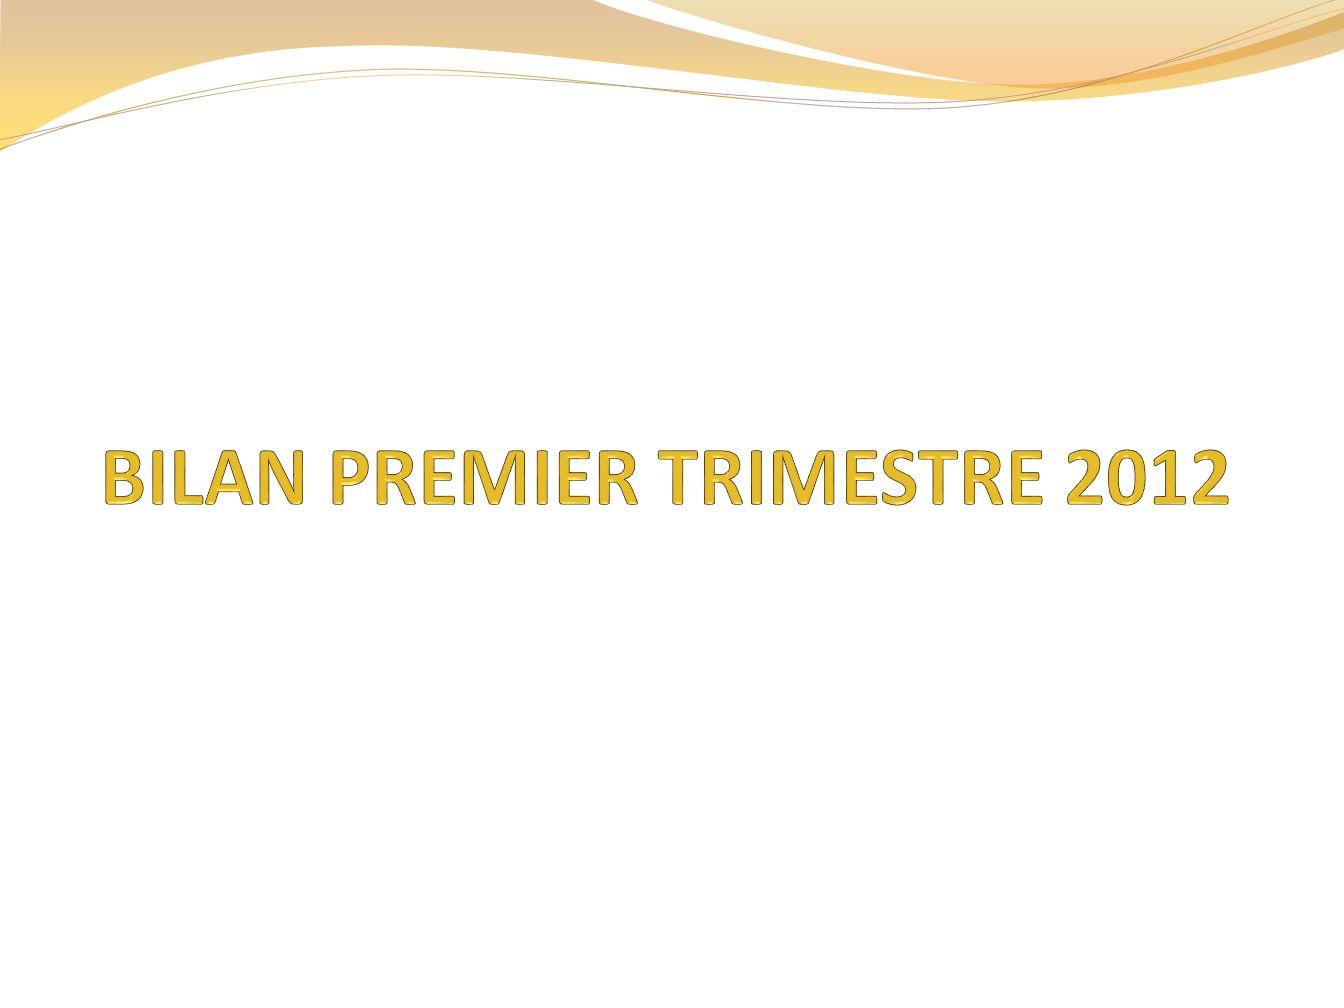 BILAN PREMIER TRIMESTRE 2012